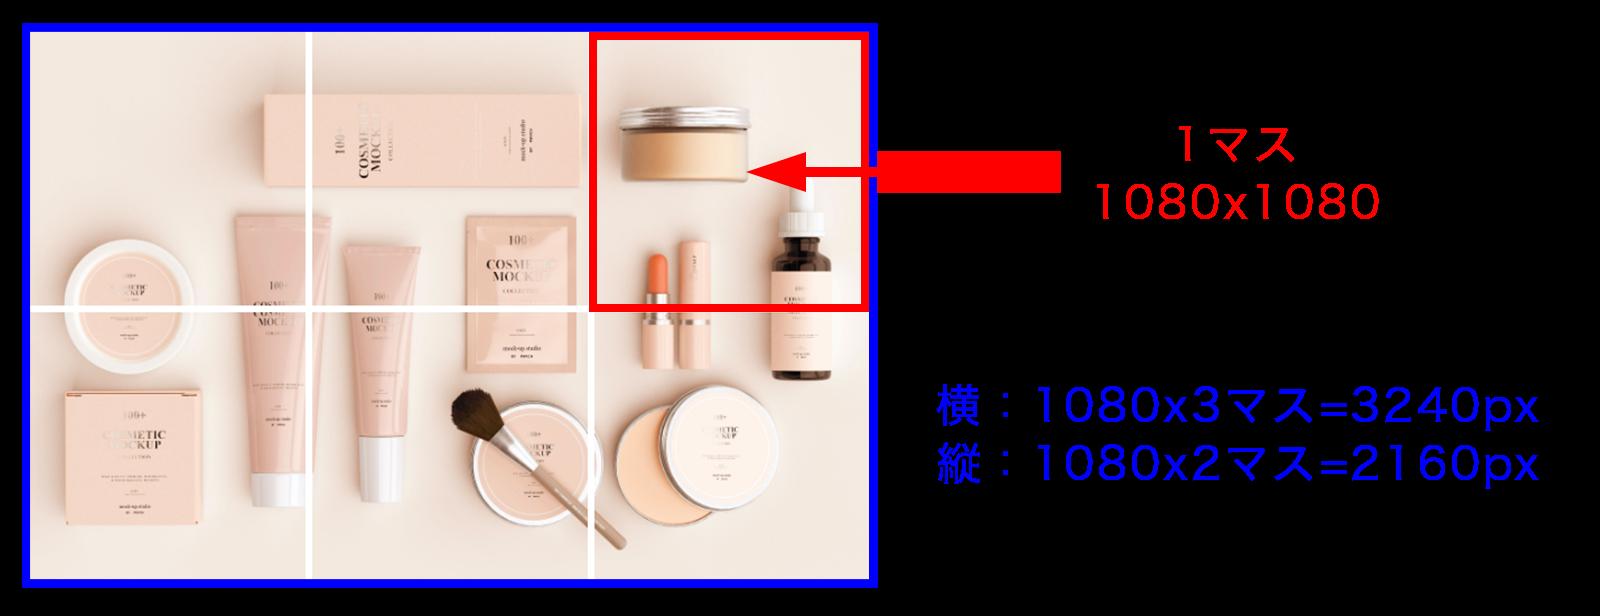 画像サイズは1080x1080が何マスあるかで決める